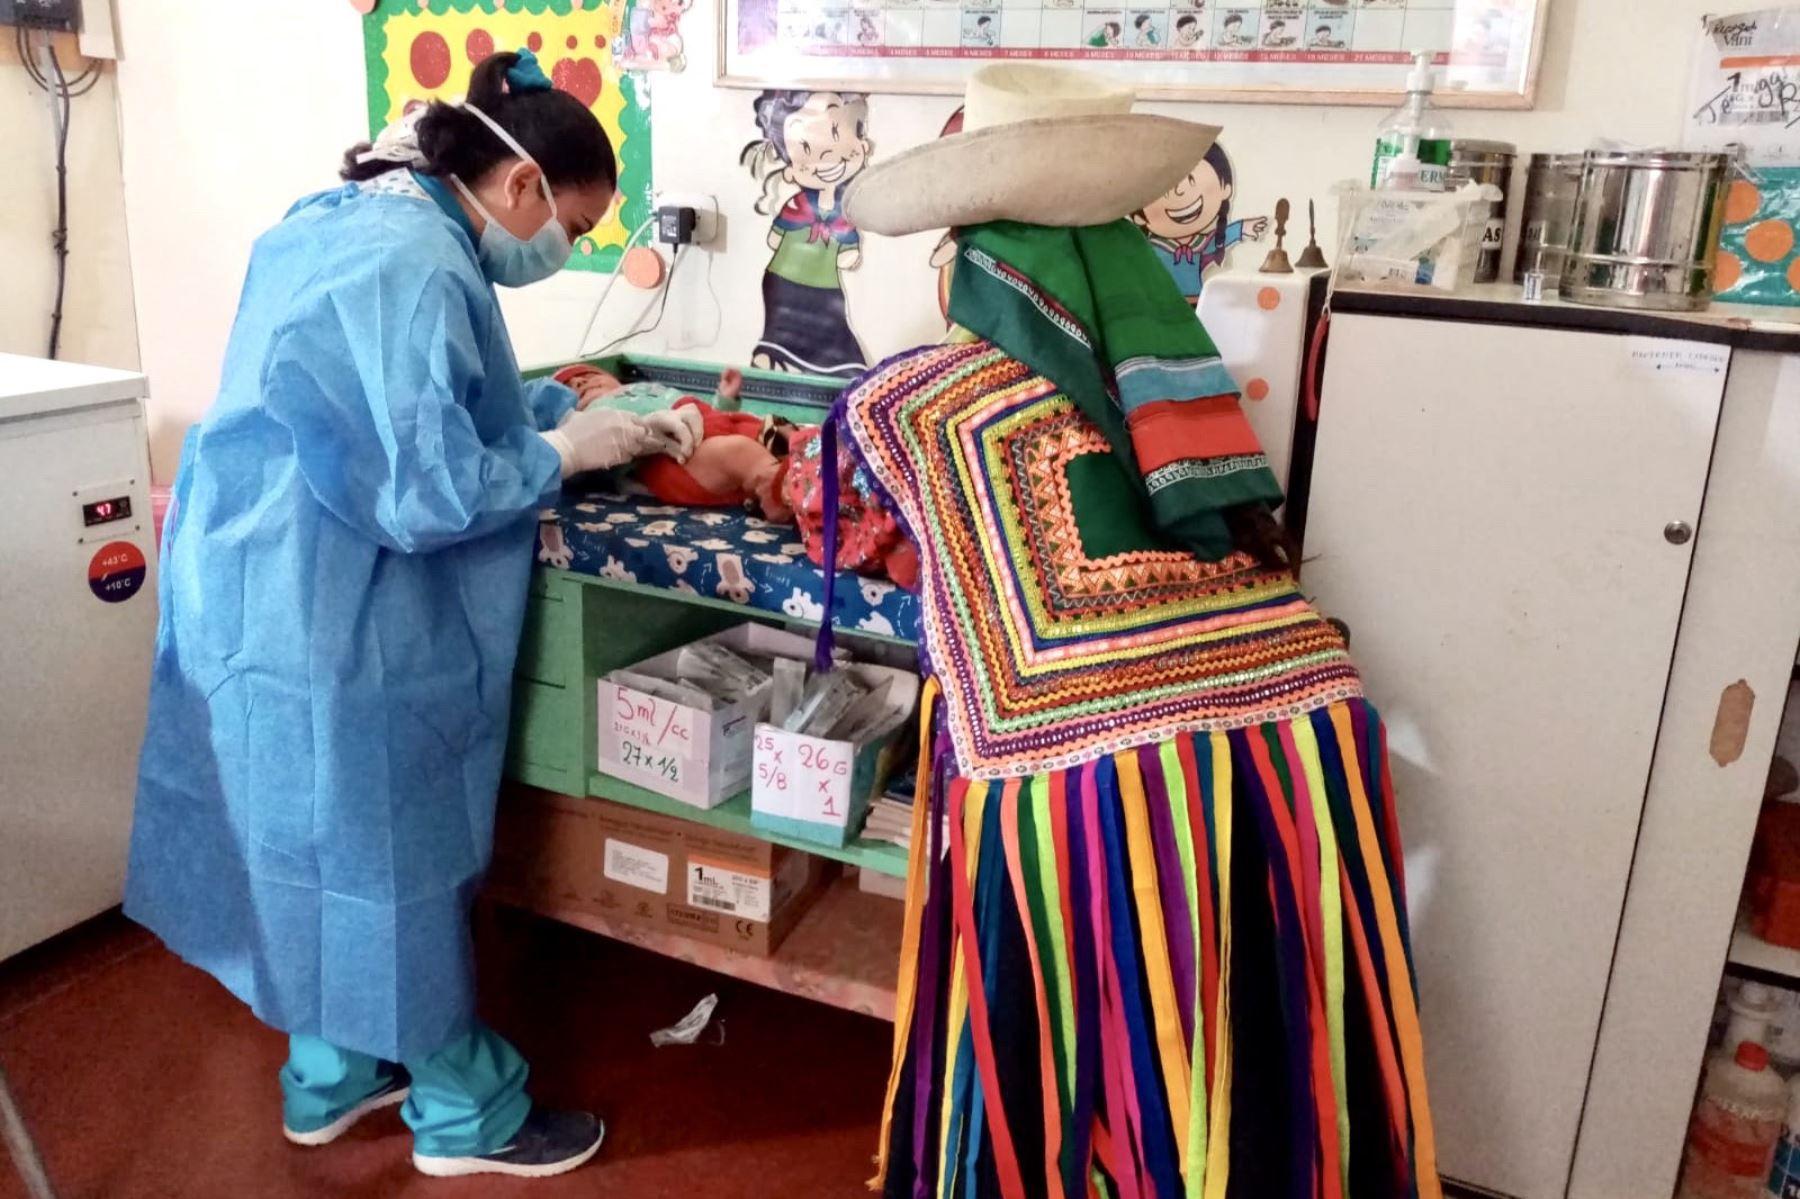 La Geresa Lambayeque publicó la alerta epidemiológica ante bajas temperaturas para prevenir enfermedades respiratorias. Foto: ANDINA/Difusión